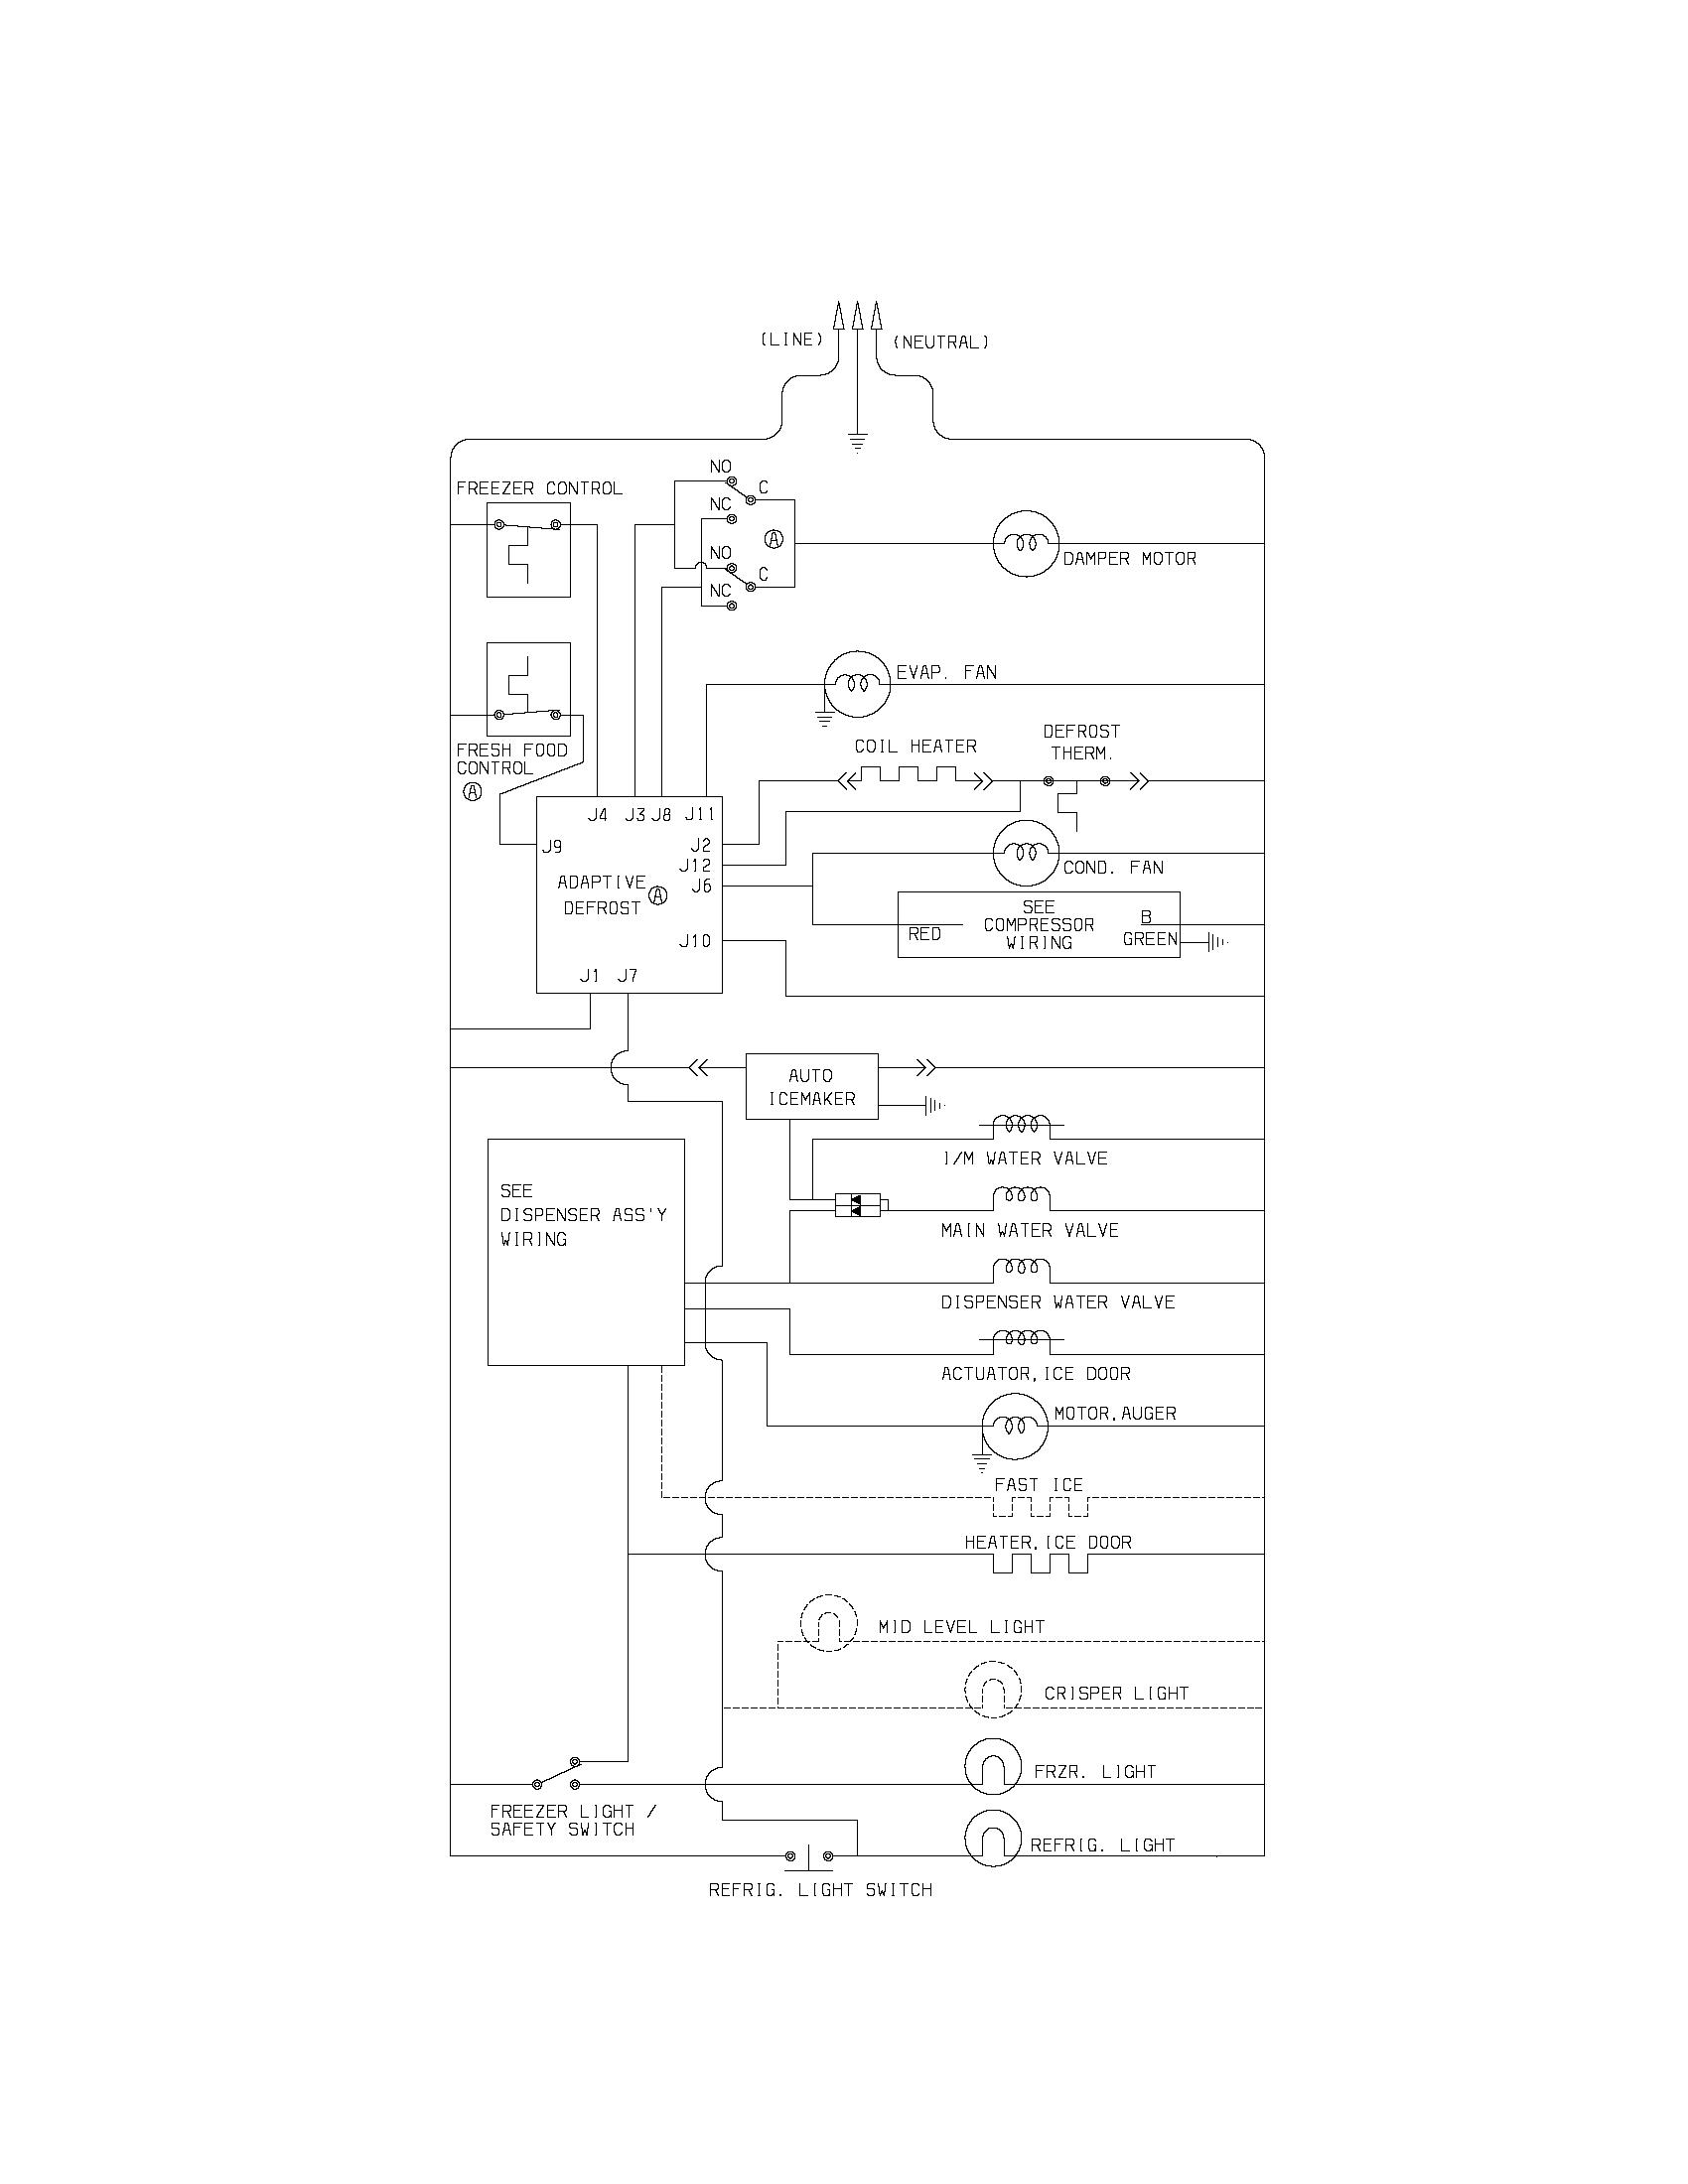 hight resolution of singer refrigerator wiring diagram detailed wiring diagramssinger refrigerator wiring diagram electrical wiring diagrams refrigerator wiring schematic